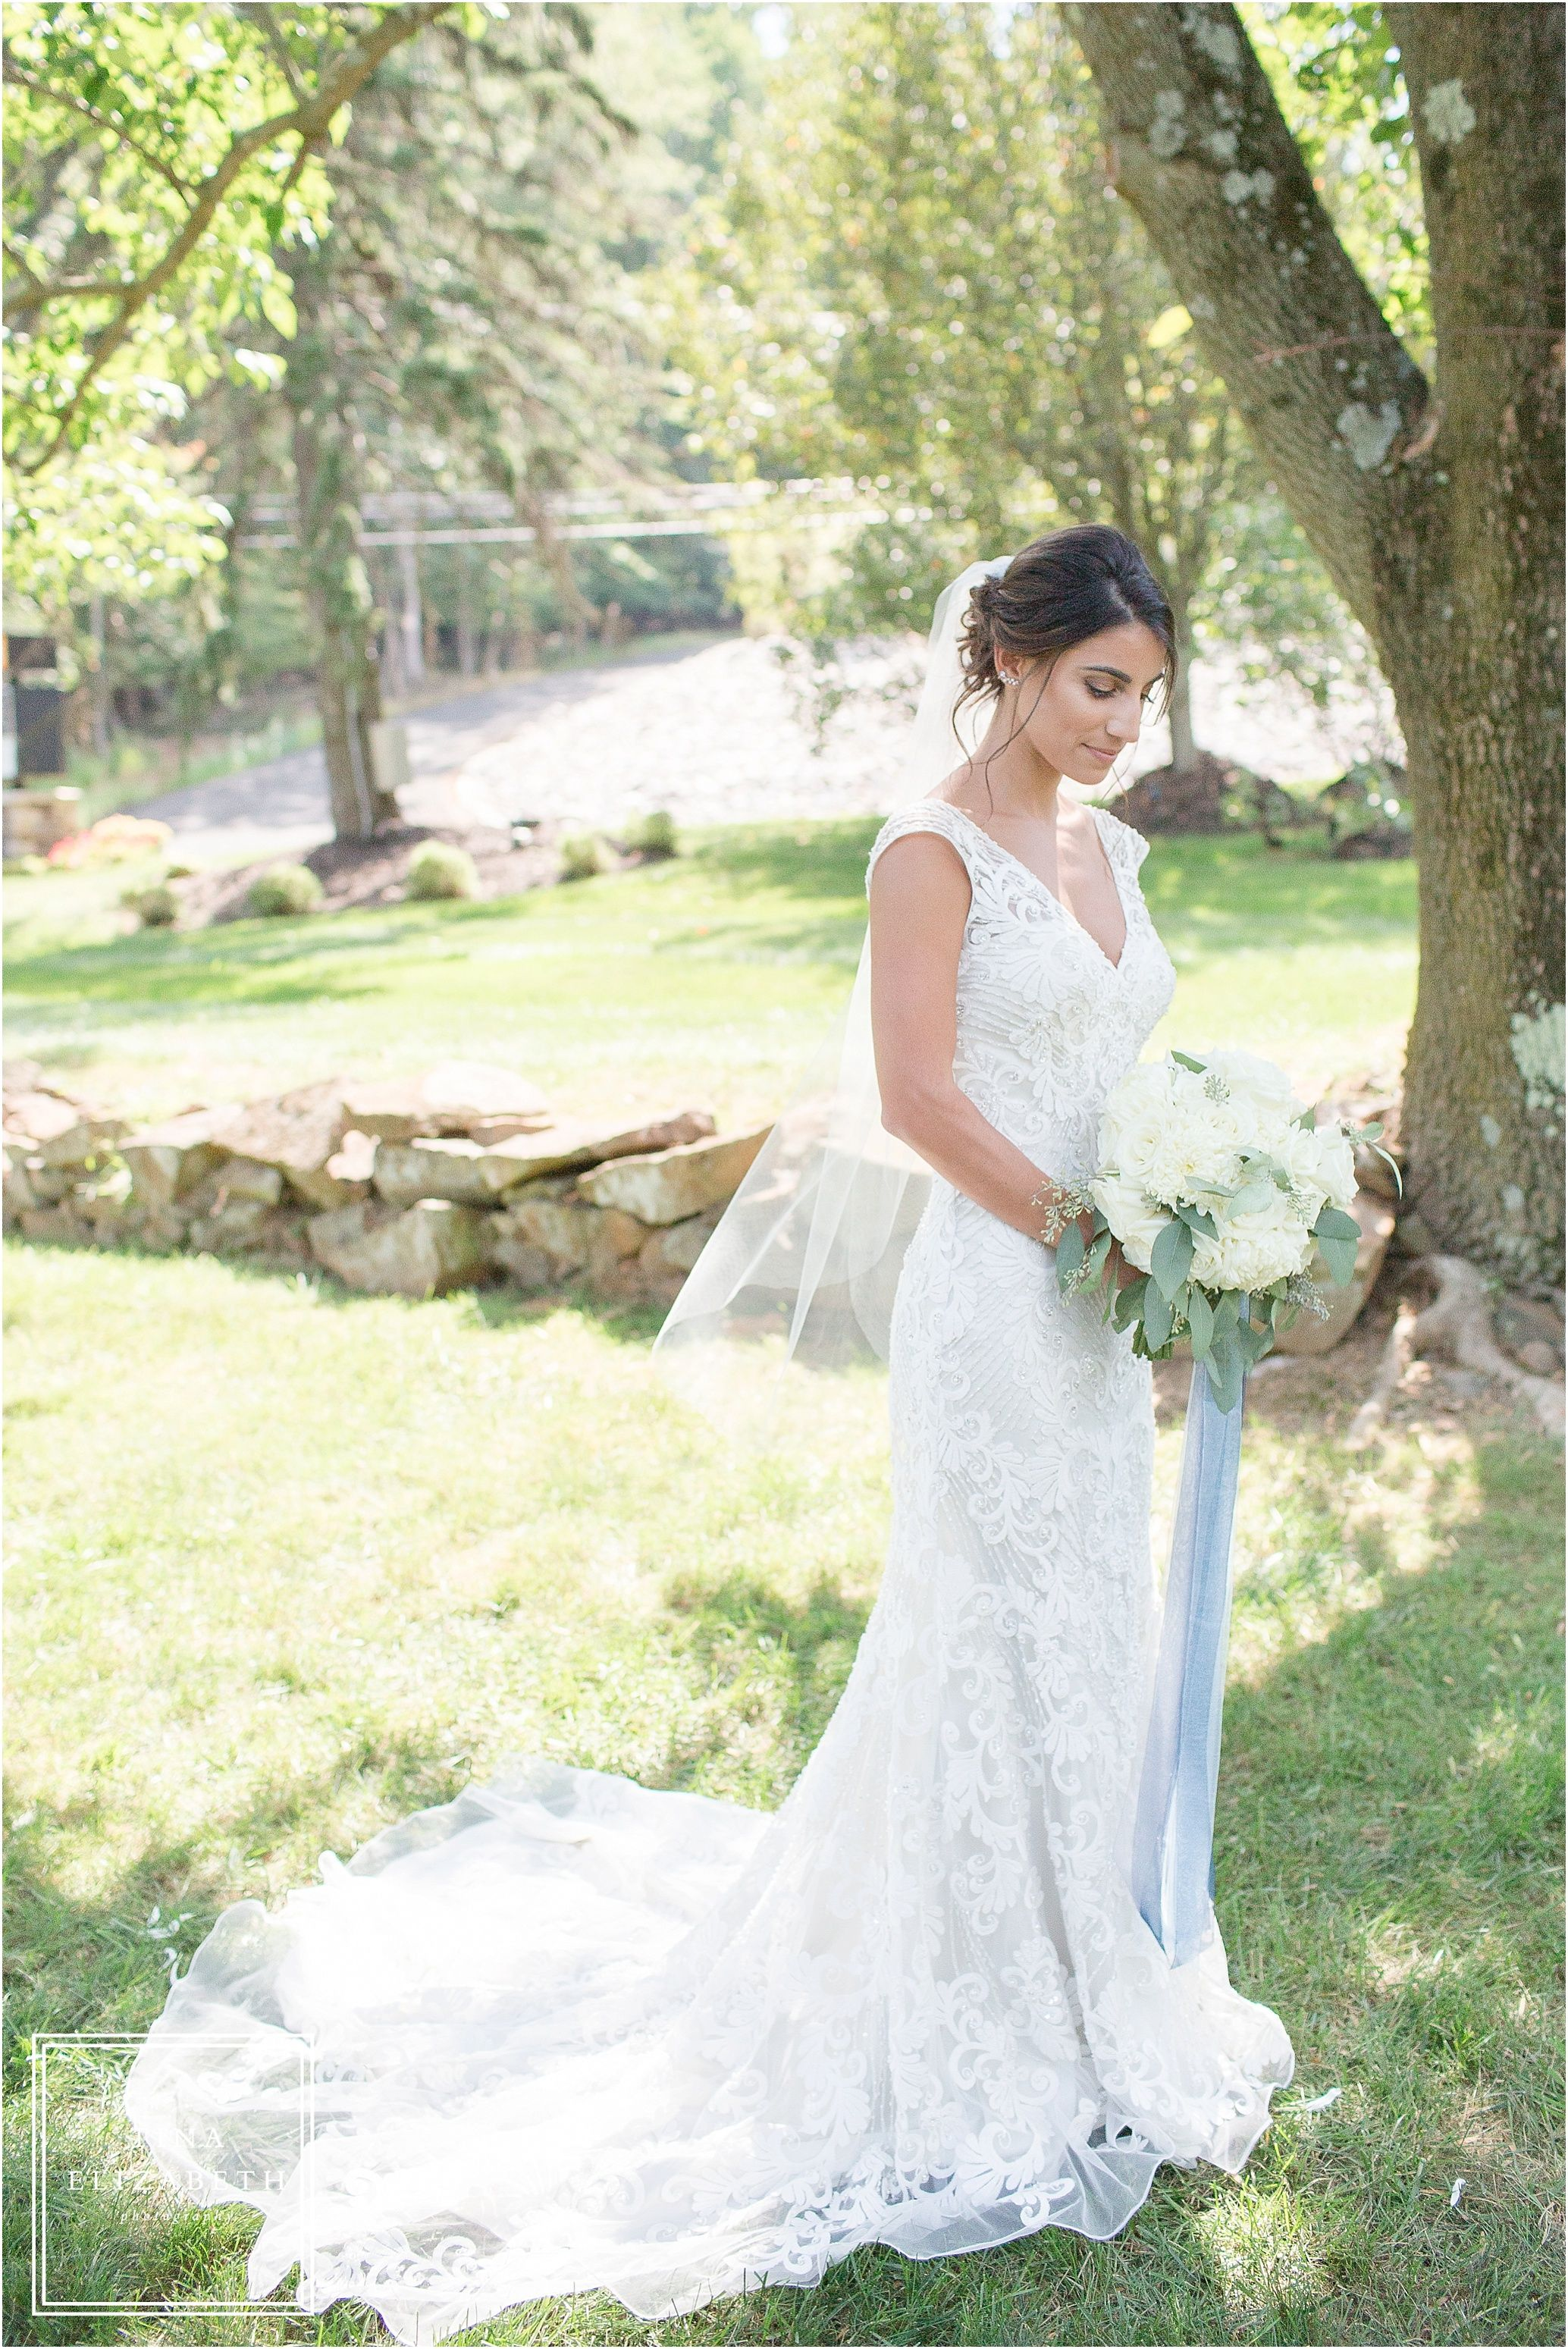 Schön Wedding Dresses Stirling Zeitgenössisch - Brautkleider Ideen ...